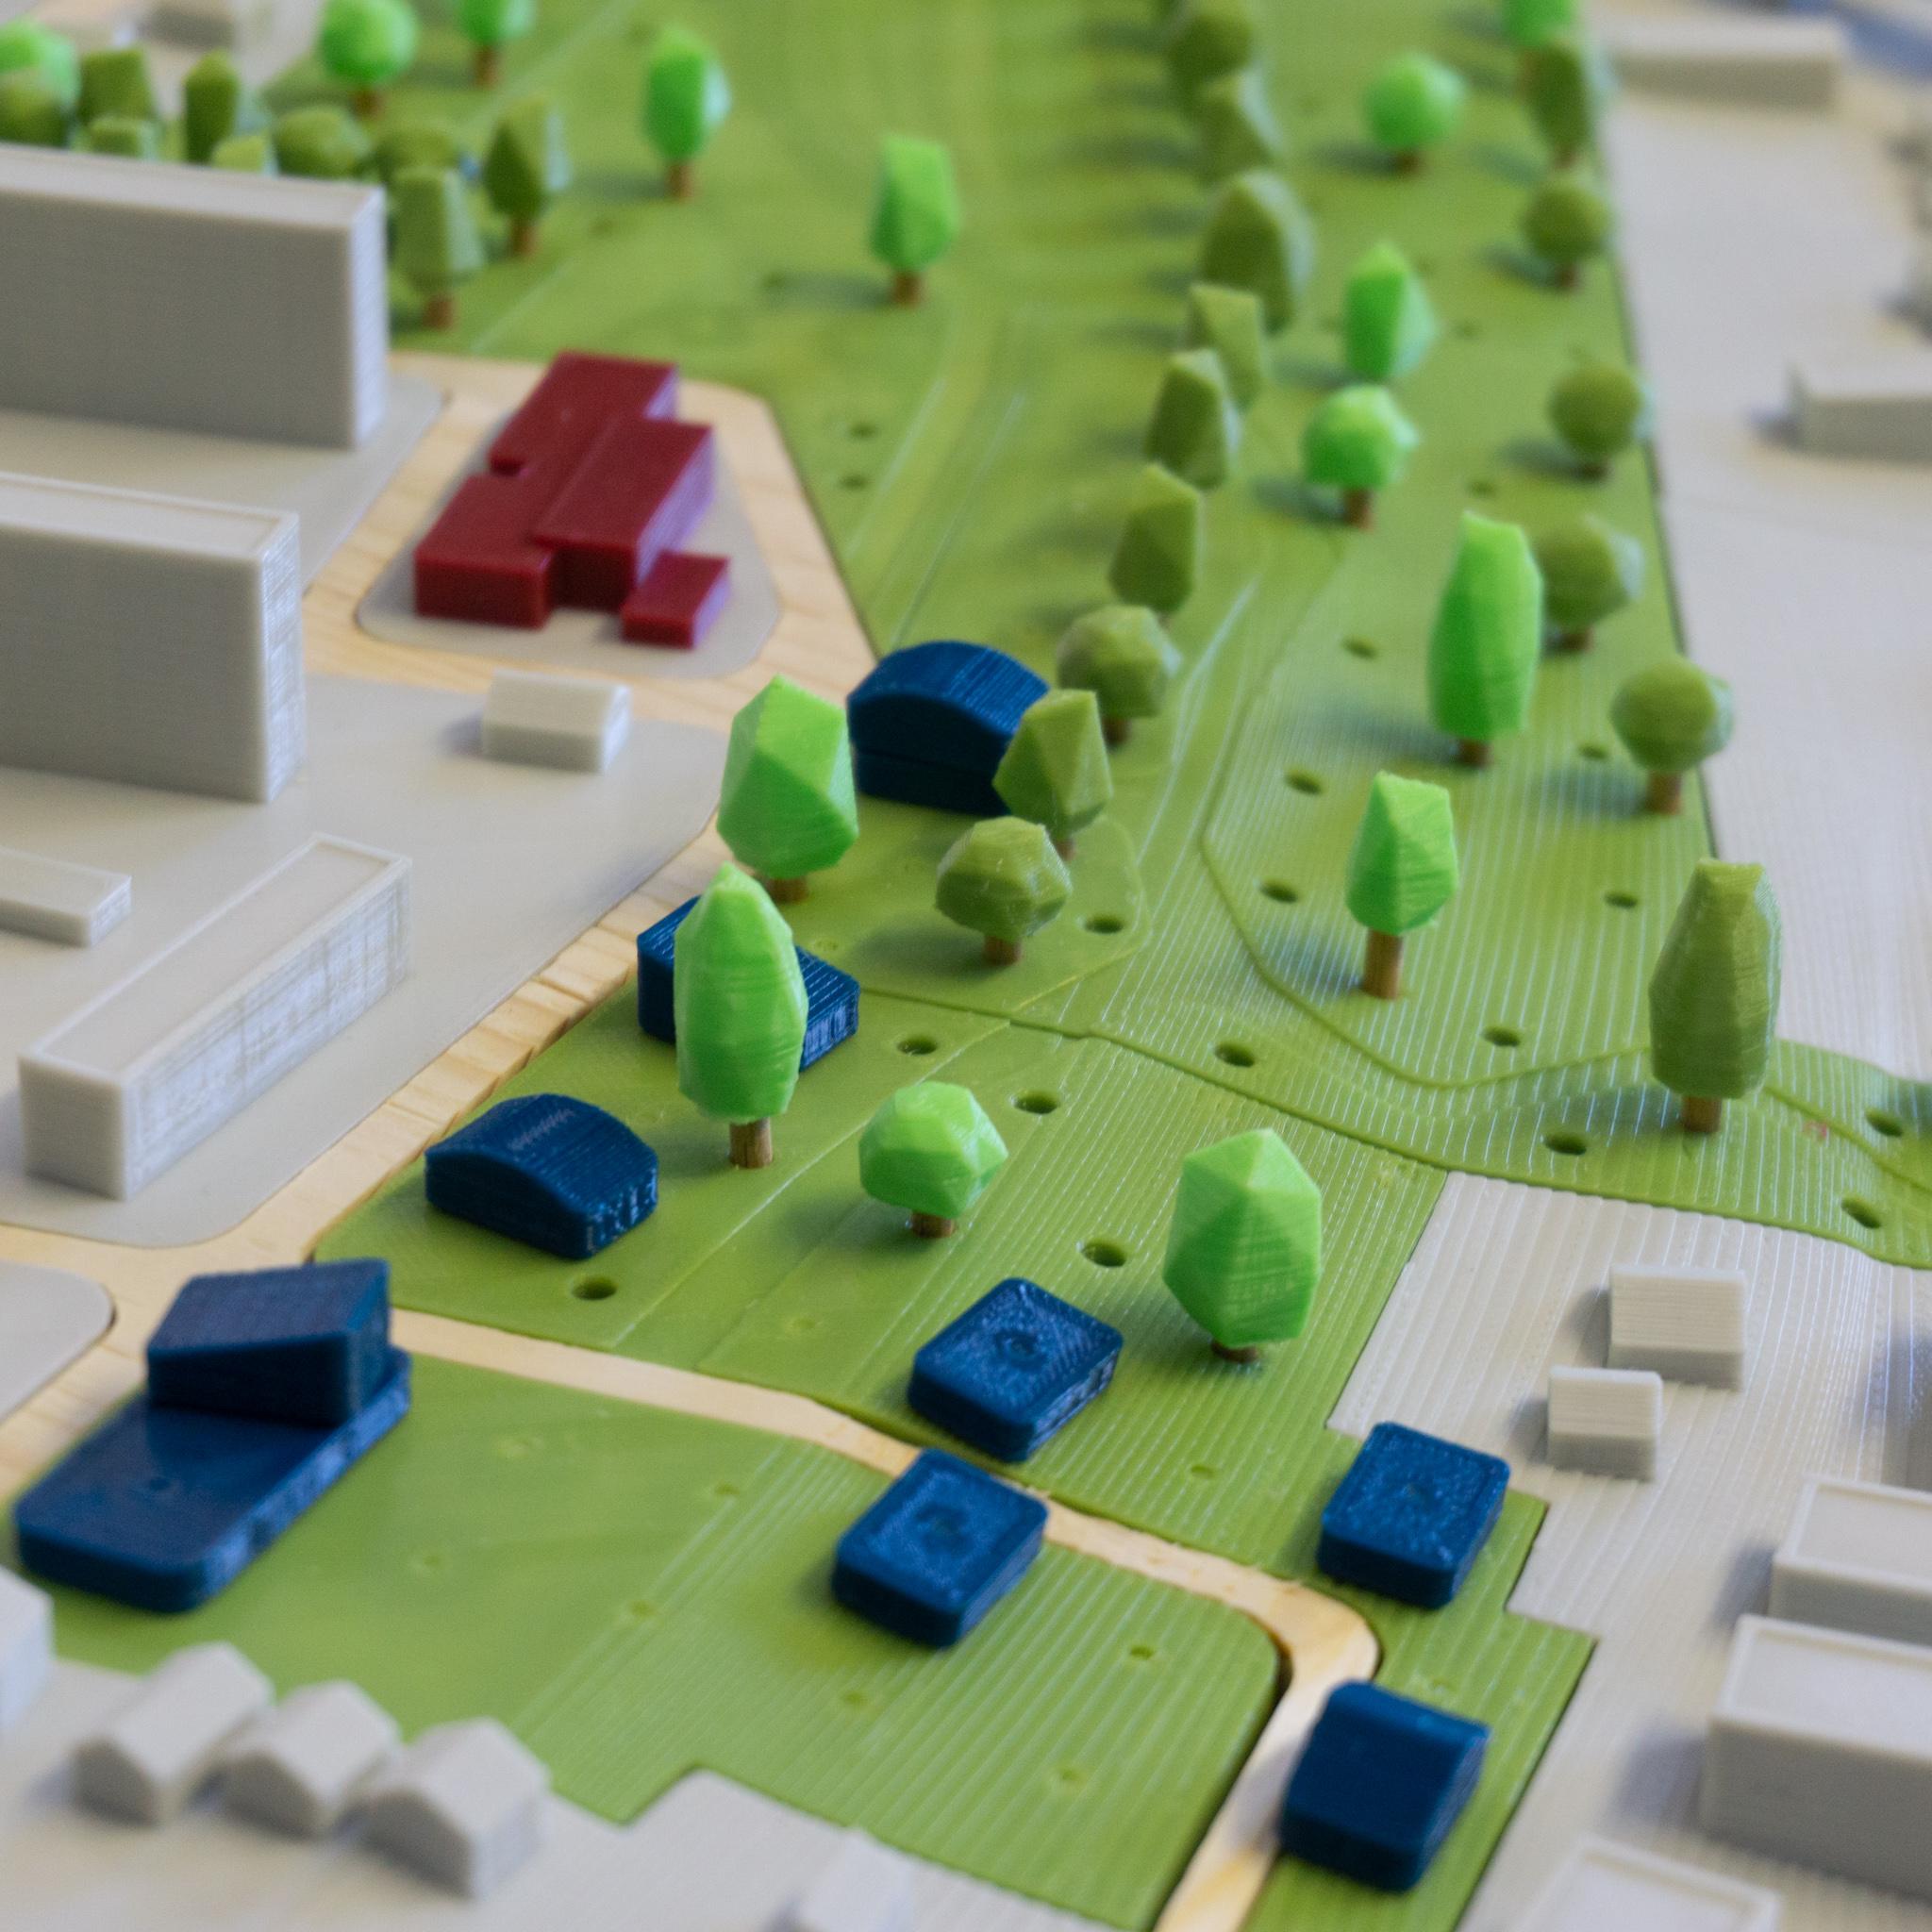 Maquette Saint Jacques – 2020 09 10 – 7